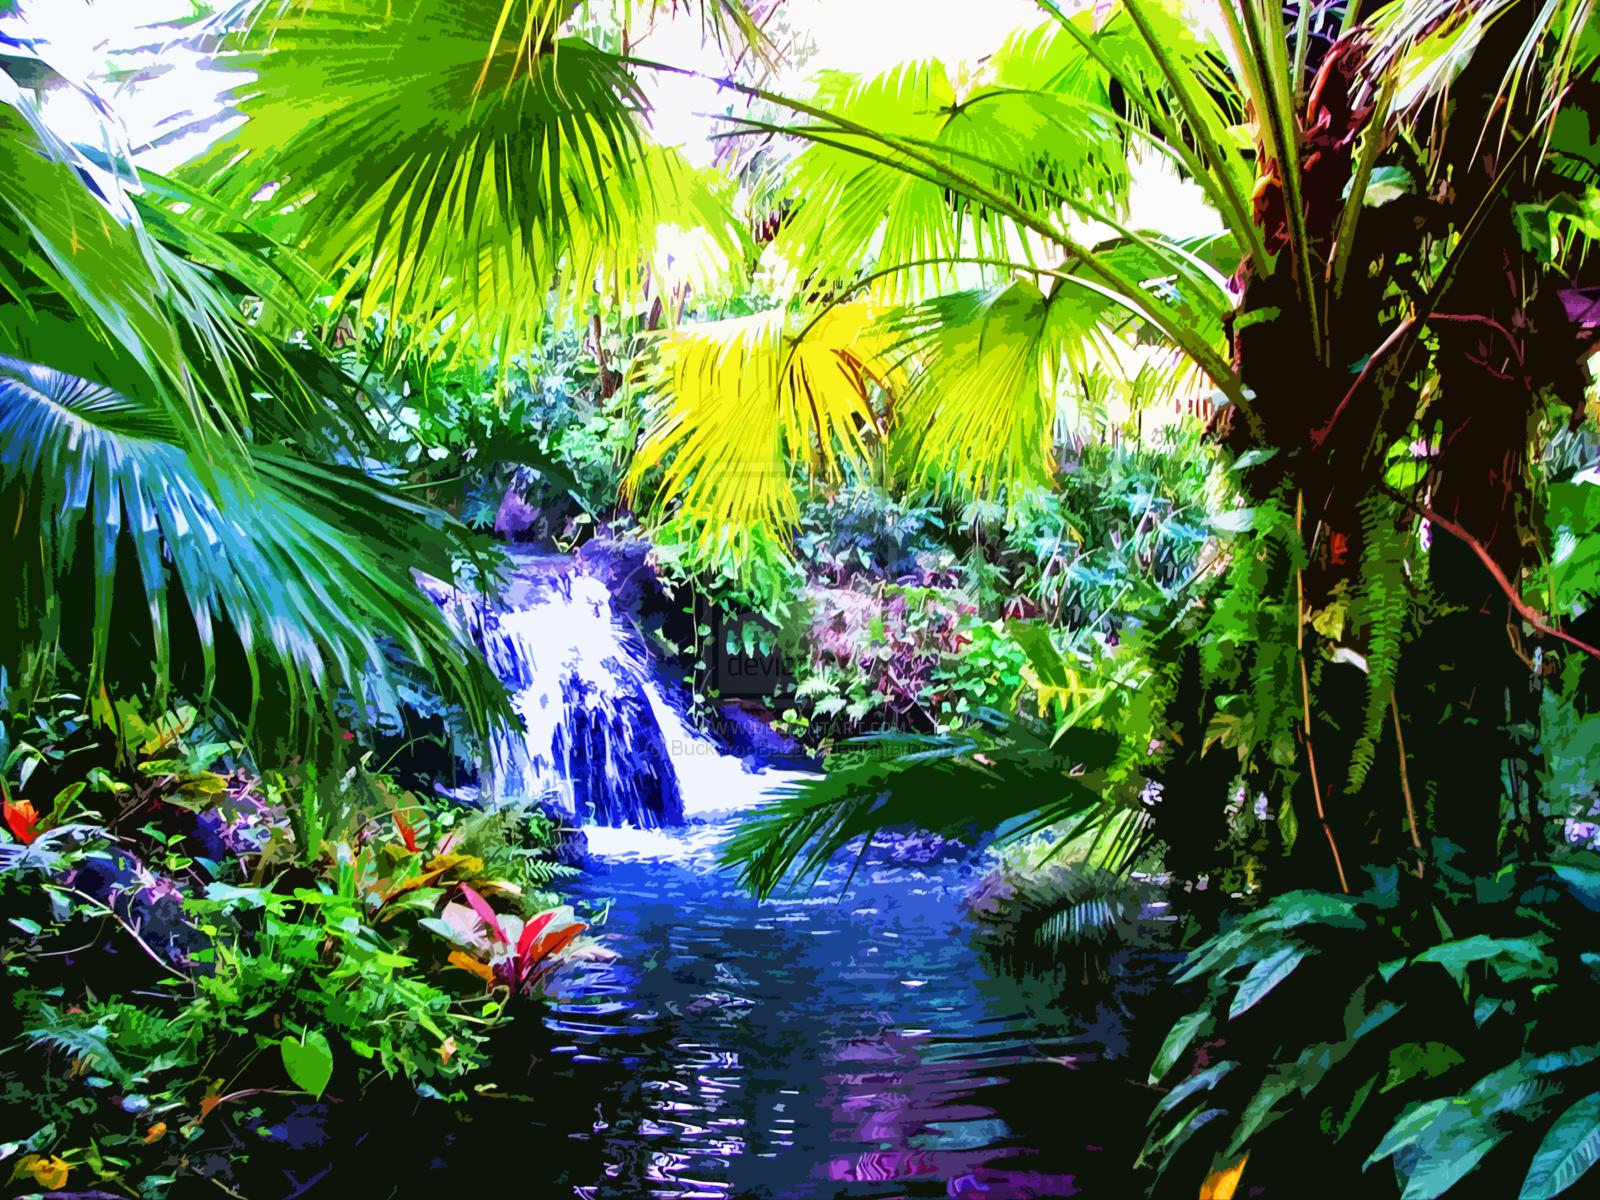 Rainbow Tropical Rainforest Waterfalls High Re Wallpaper